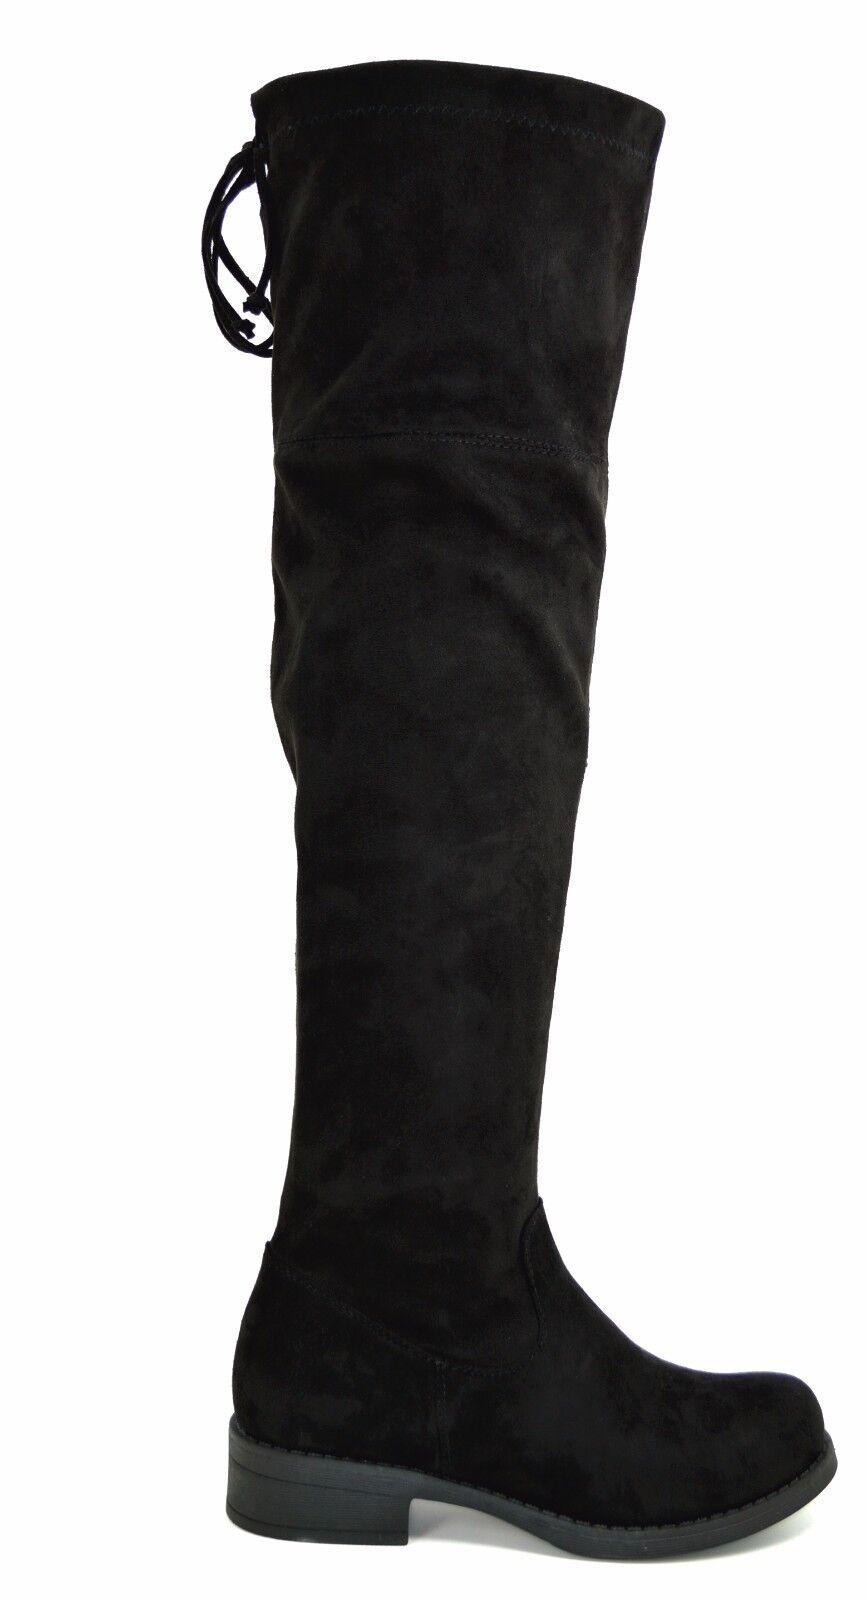 Stivali alti sexy donna al ginocchio tacco basso stivale lungo scamosciato nero